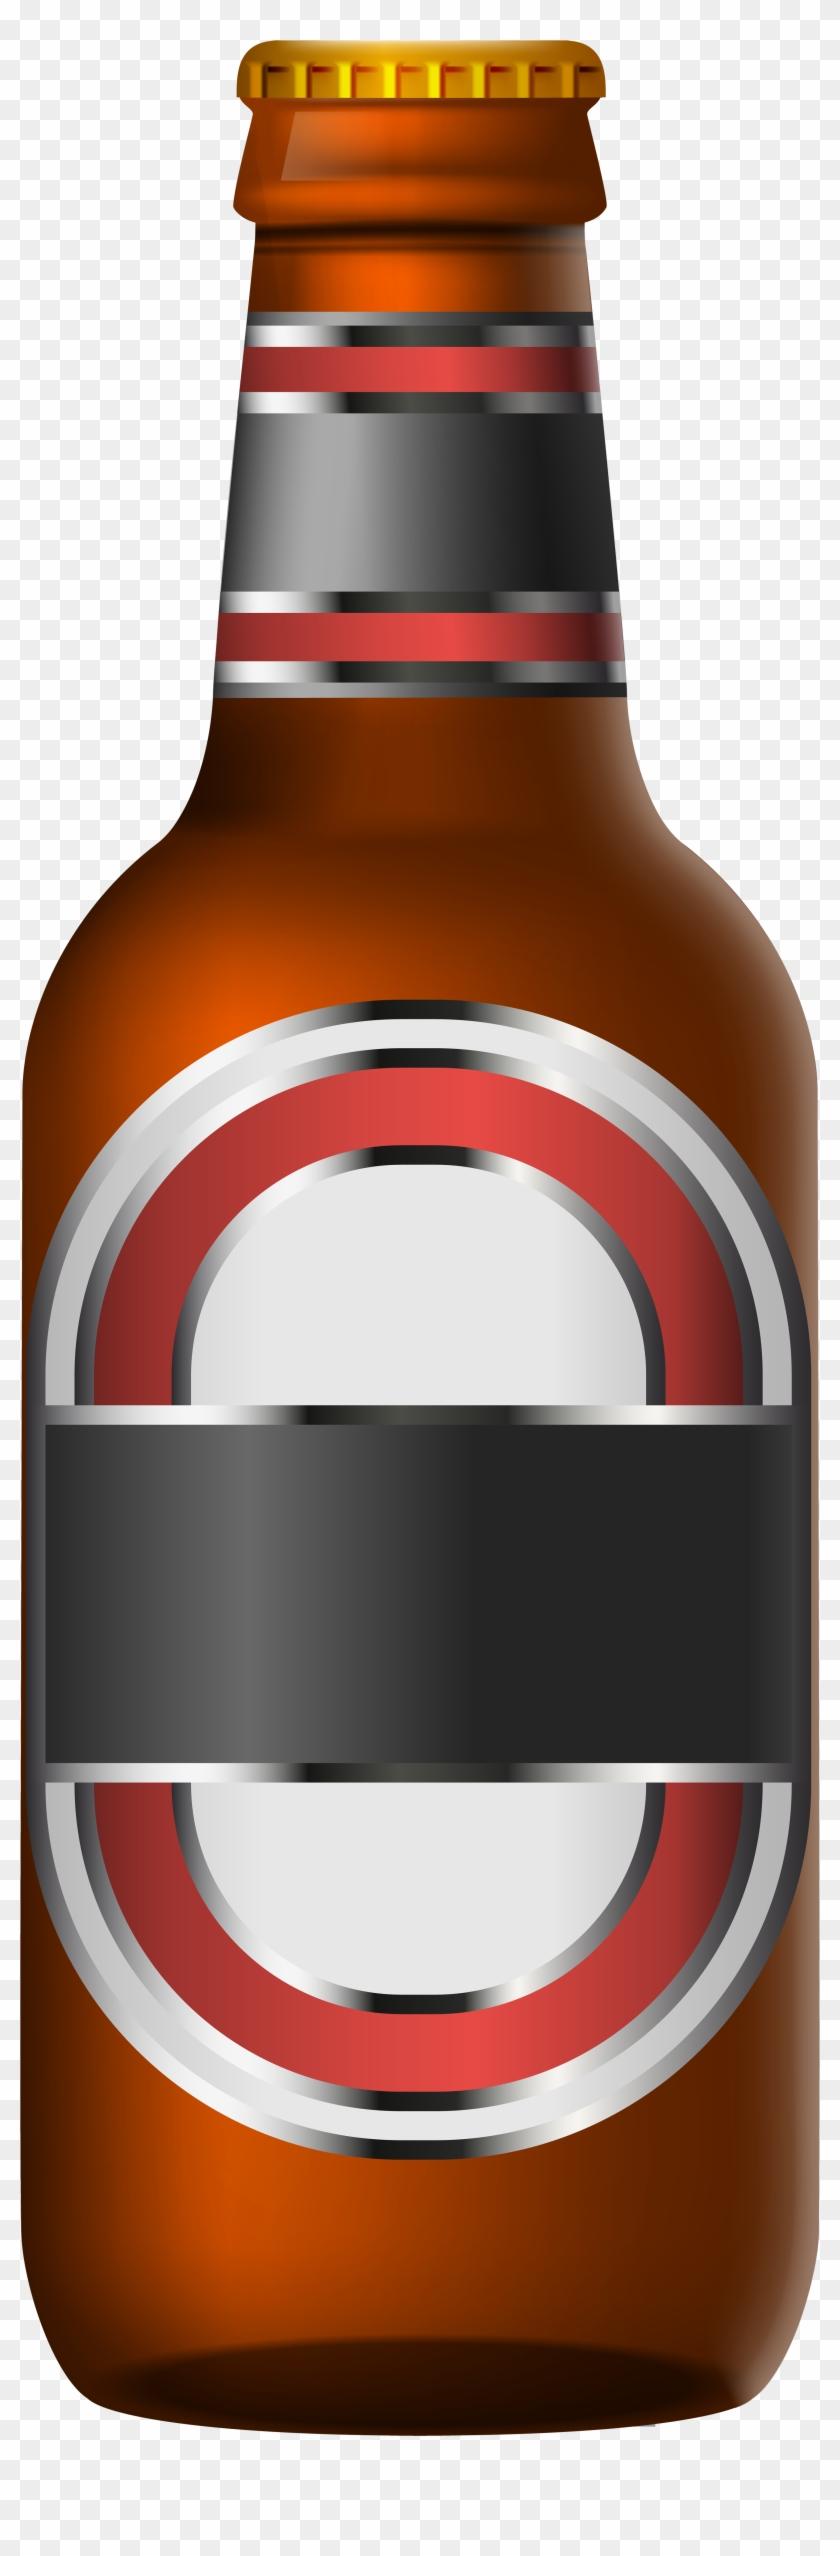 Svg Library Download Transparent Png Clip Art Image - Beer Bottle Clip Art Png #2555530